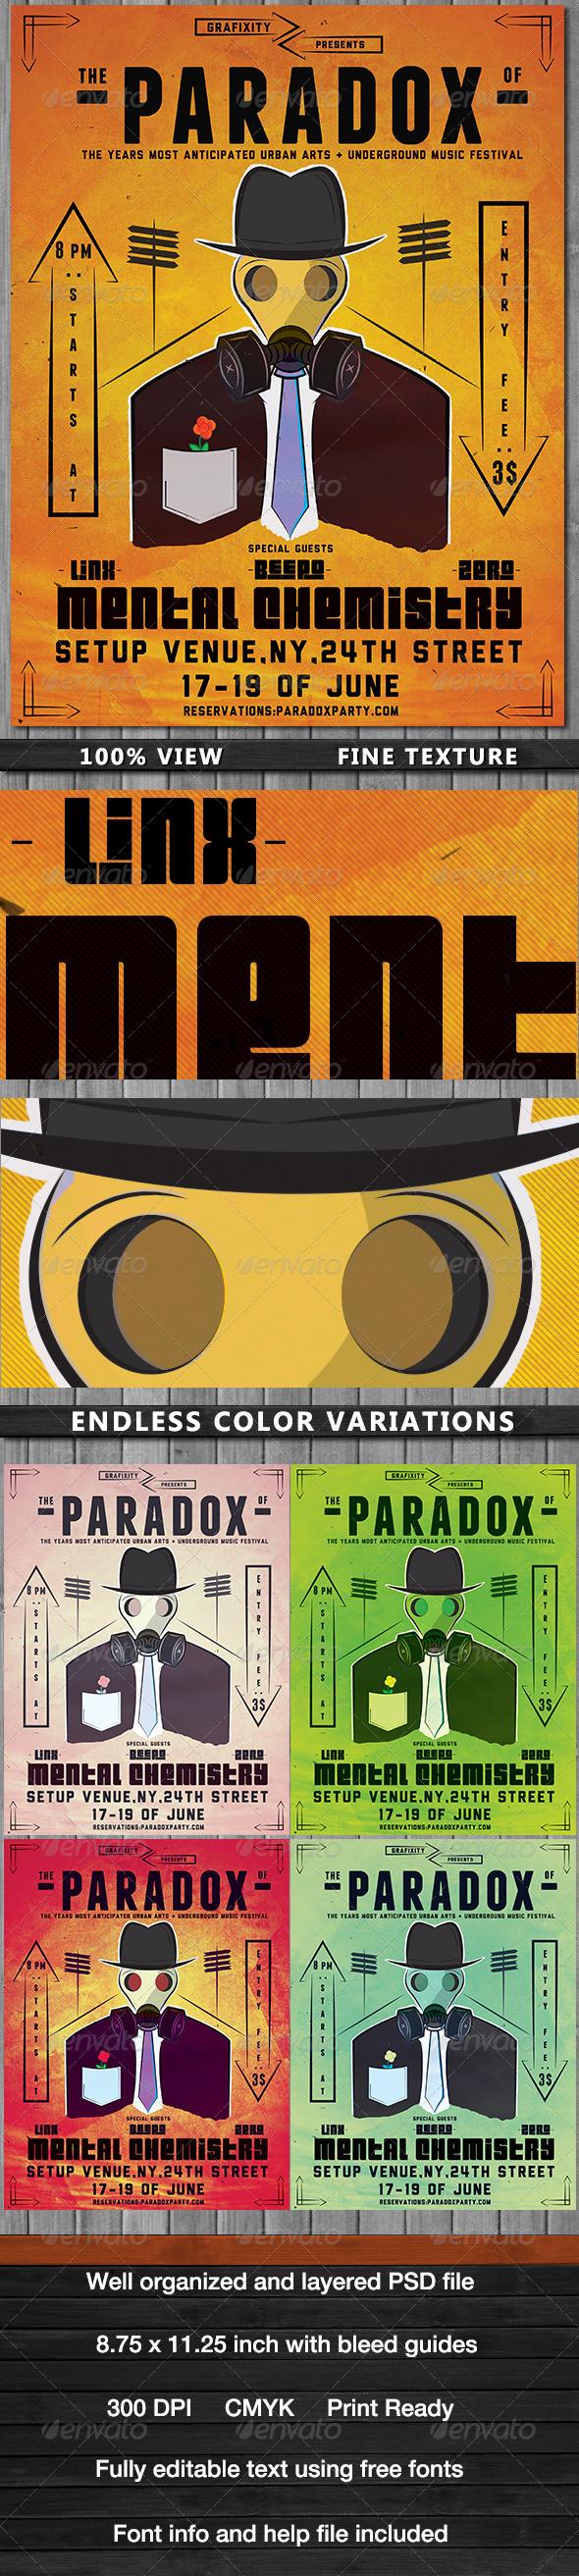 GraphicRiver Paradox-Urban Arts Party Flyer Poster 4676279